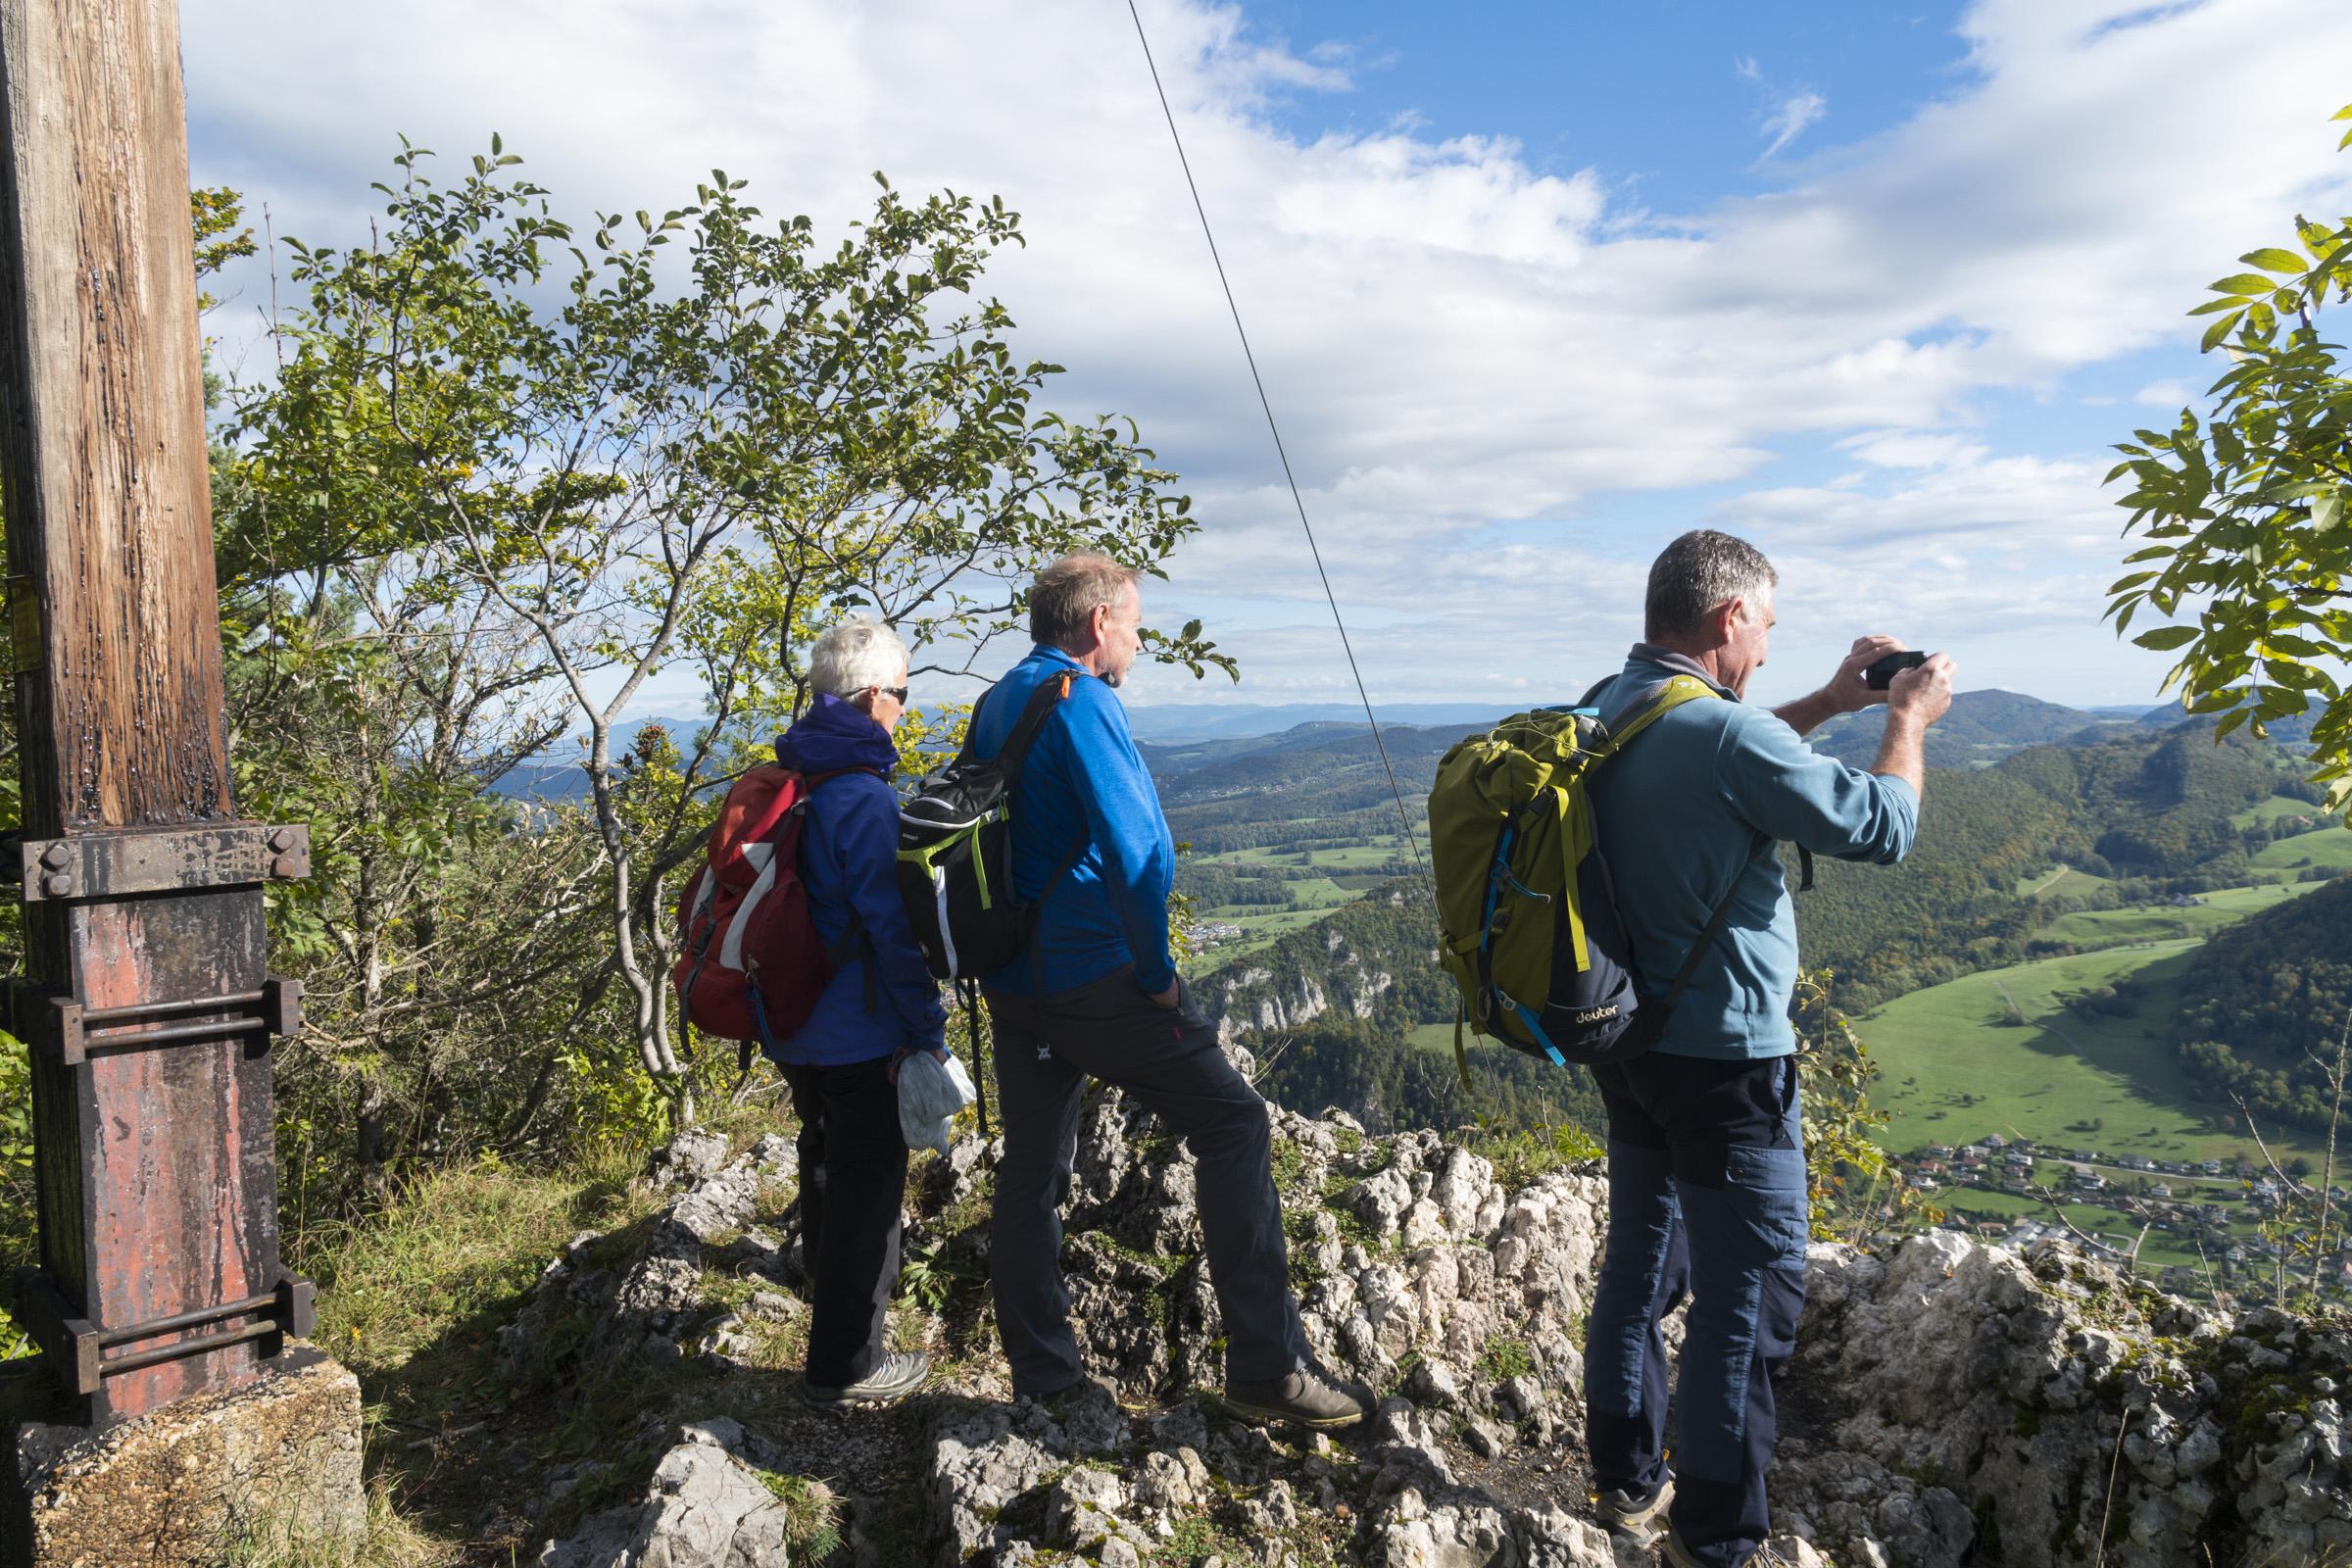 Wanderung Welschgätterli - Hoggen 04.10.2020